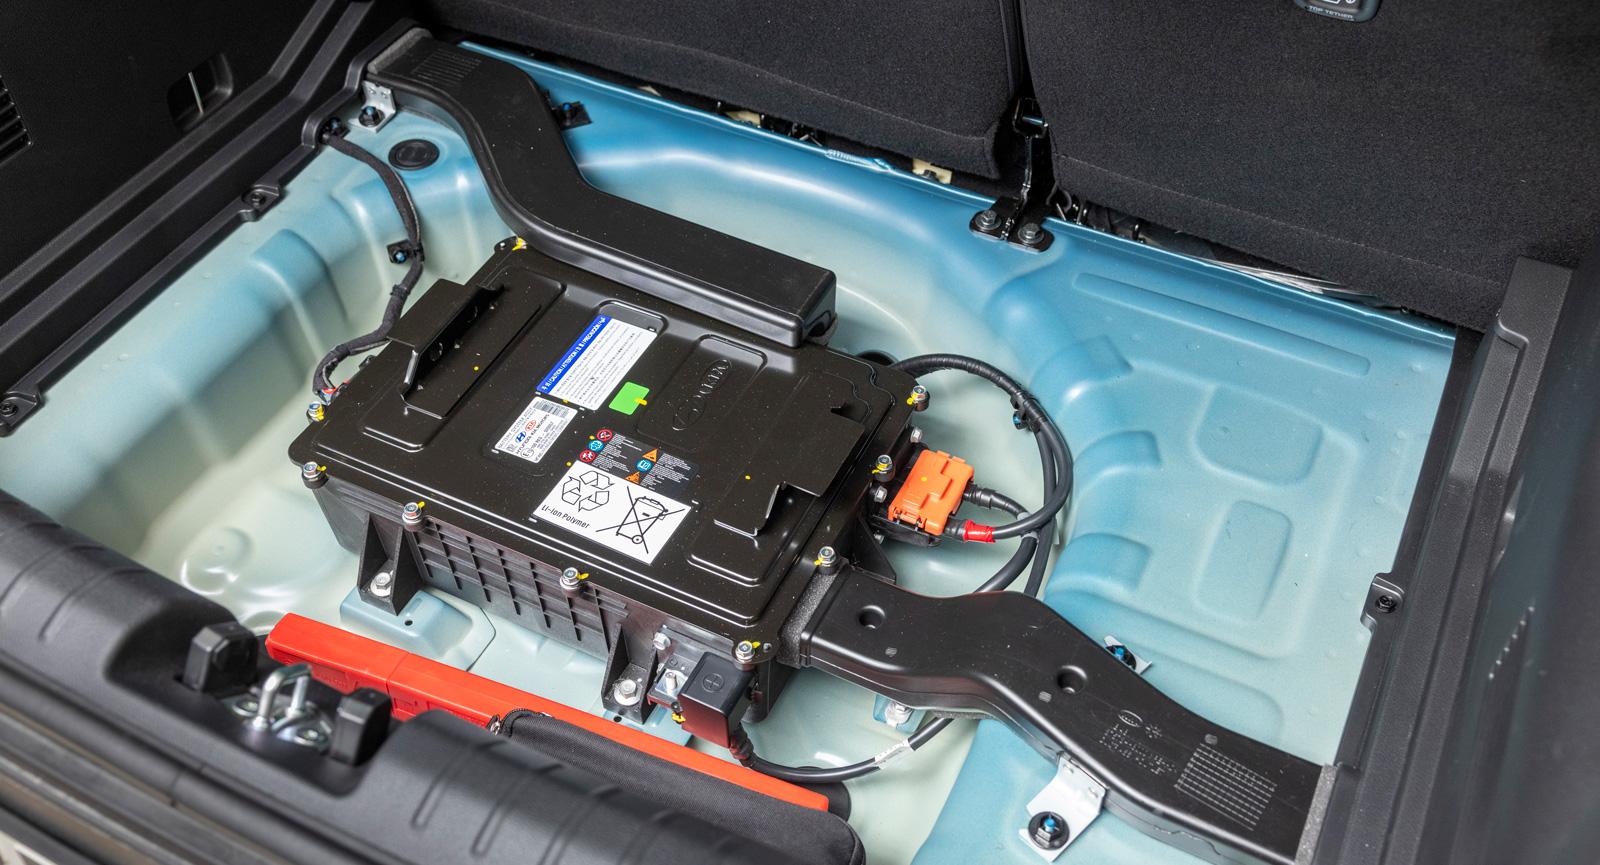 2. Kias 48-voltssystem gömmer sig i reservhjulsbaljan men inkräktar inte i övrigt på bilens utrymmen.